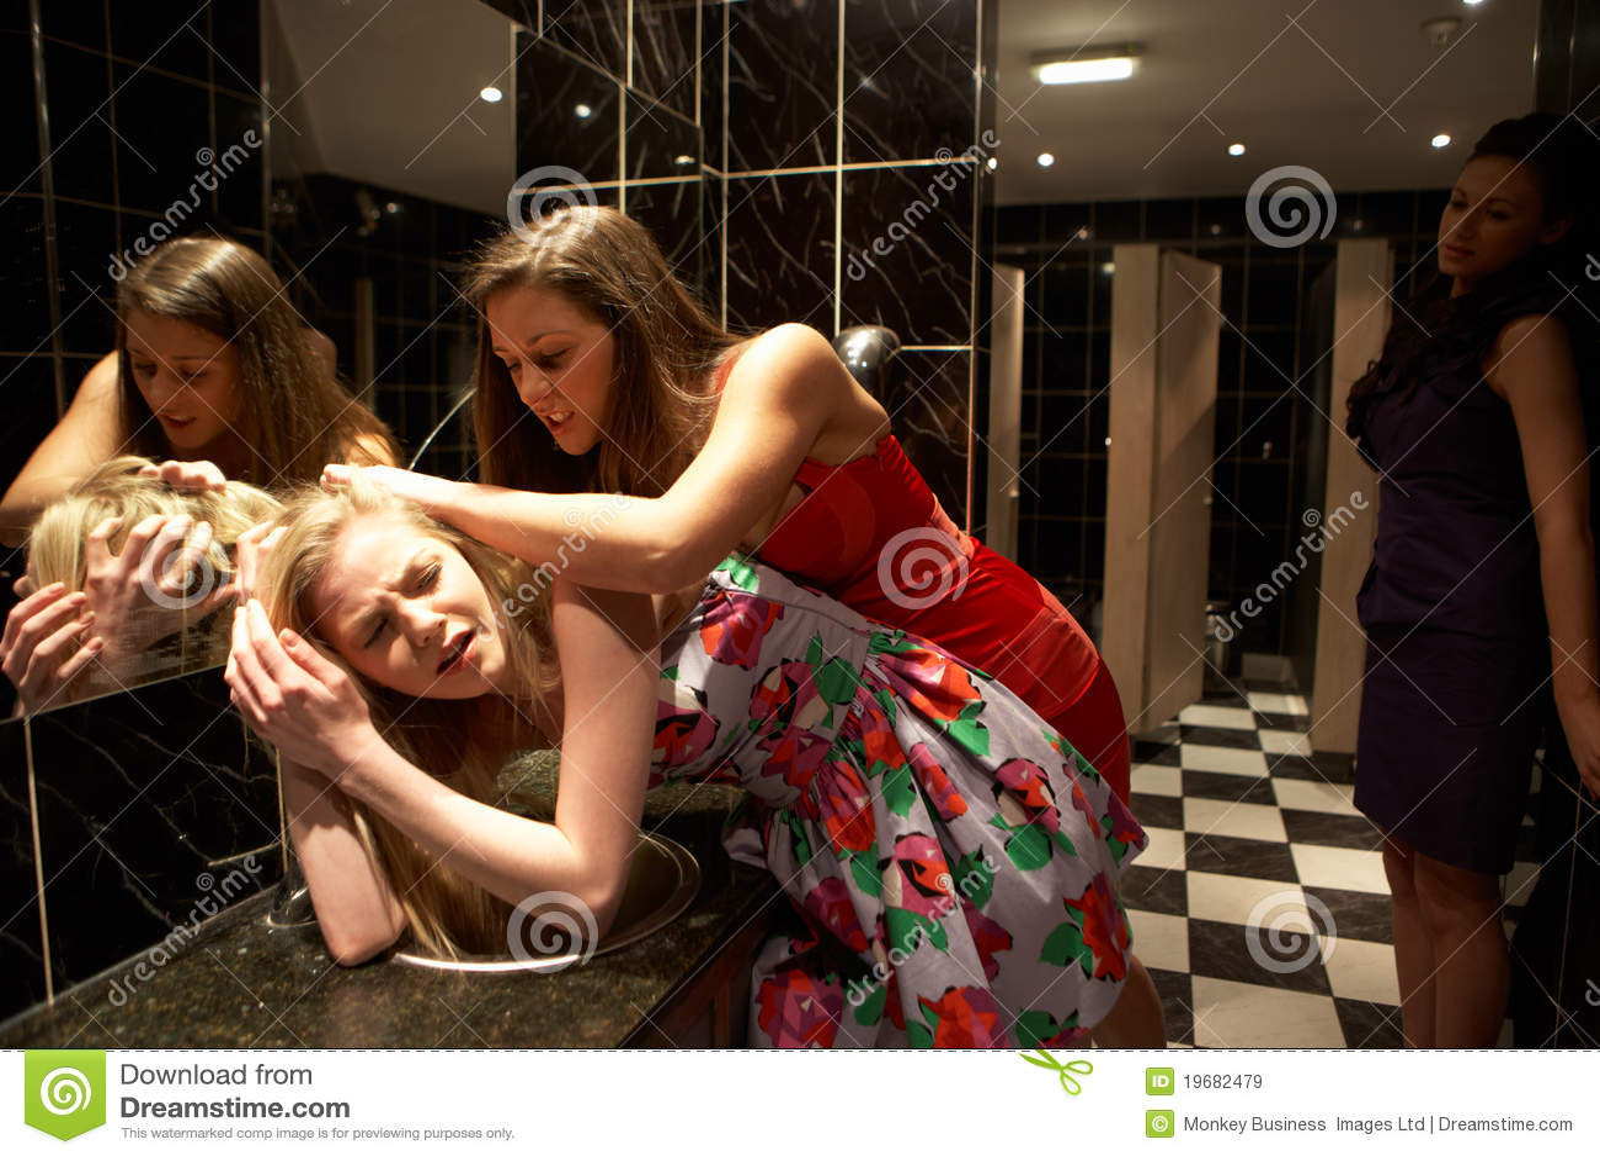 Три девушки поймали парня и, В парке три девушки раздели парня и дрочат ему член 26 фотография